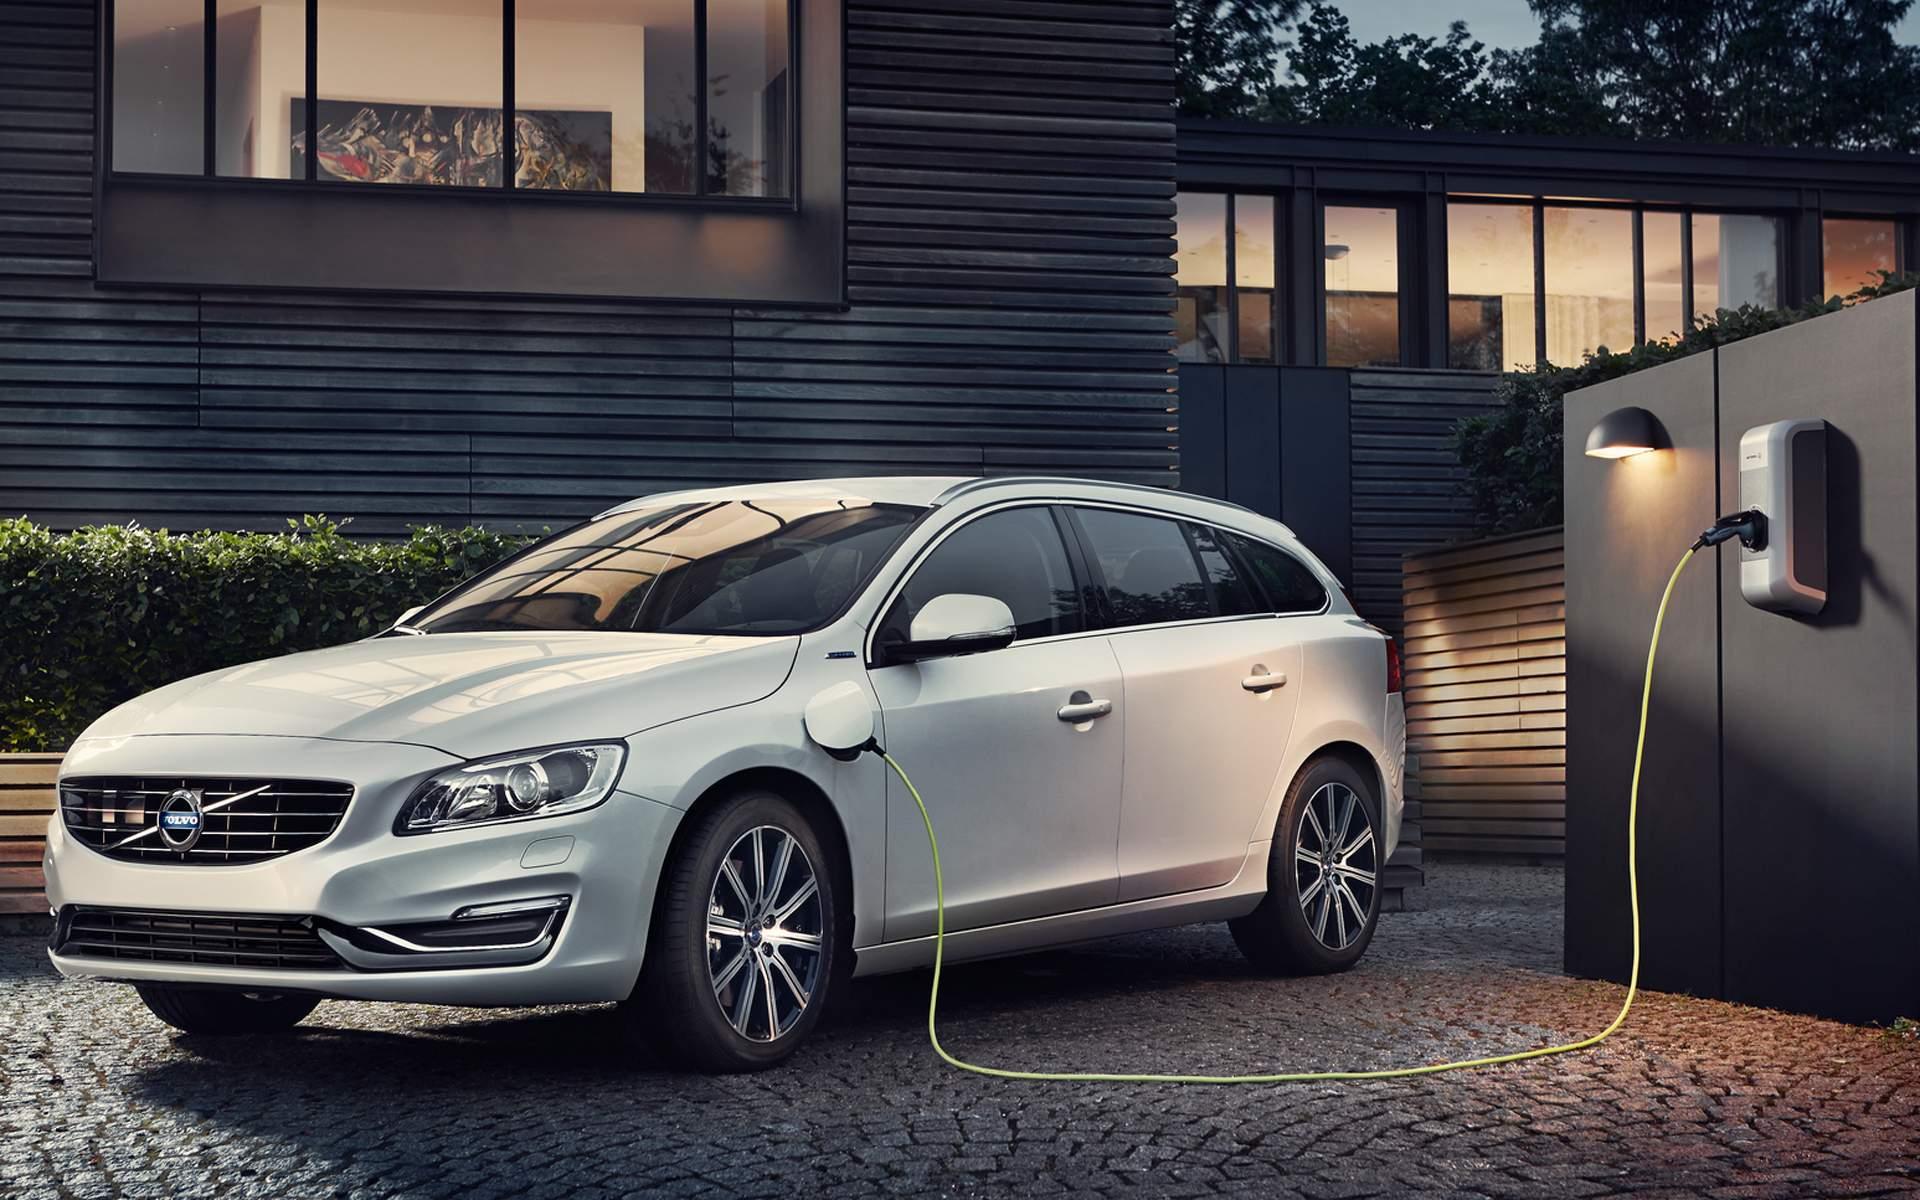 Электрокары в России — что ждет будущее автомобильной промышленности в нашей стране?